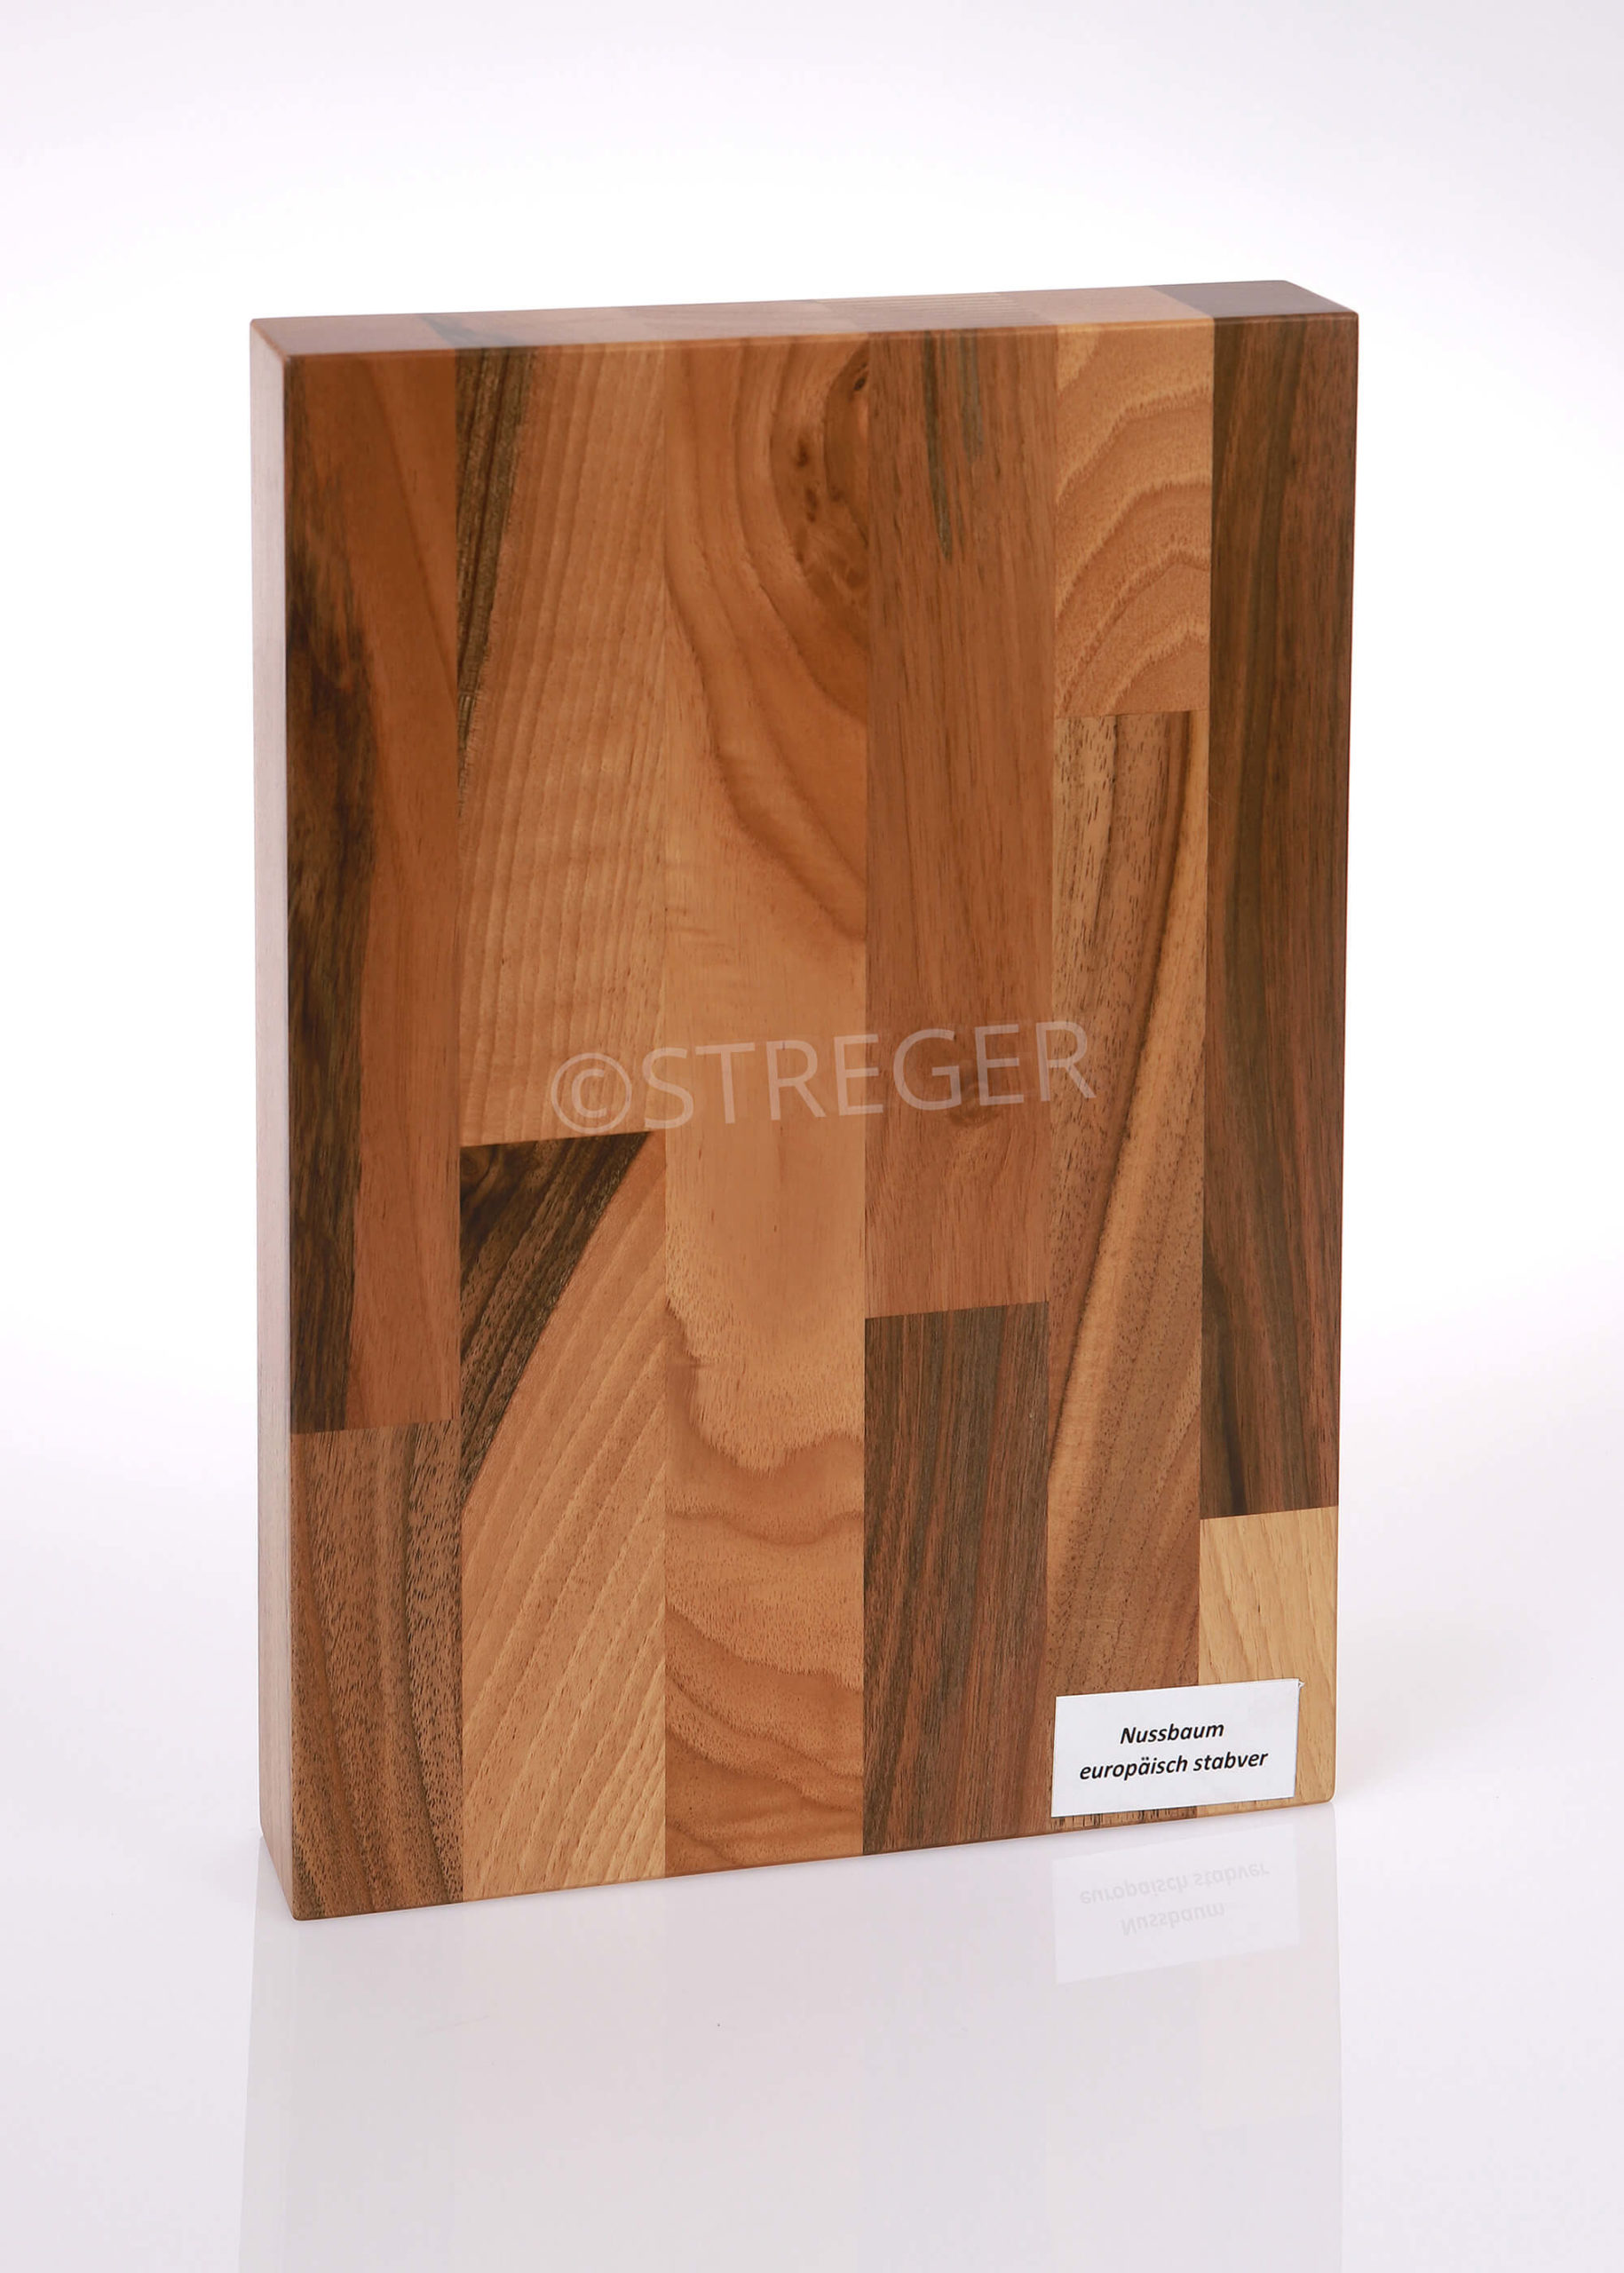 STREGER-Massivholztreppen-Nussbaum-europaeisch-stabverleimt